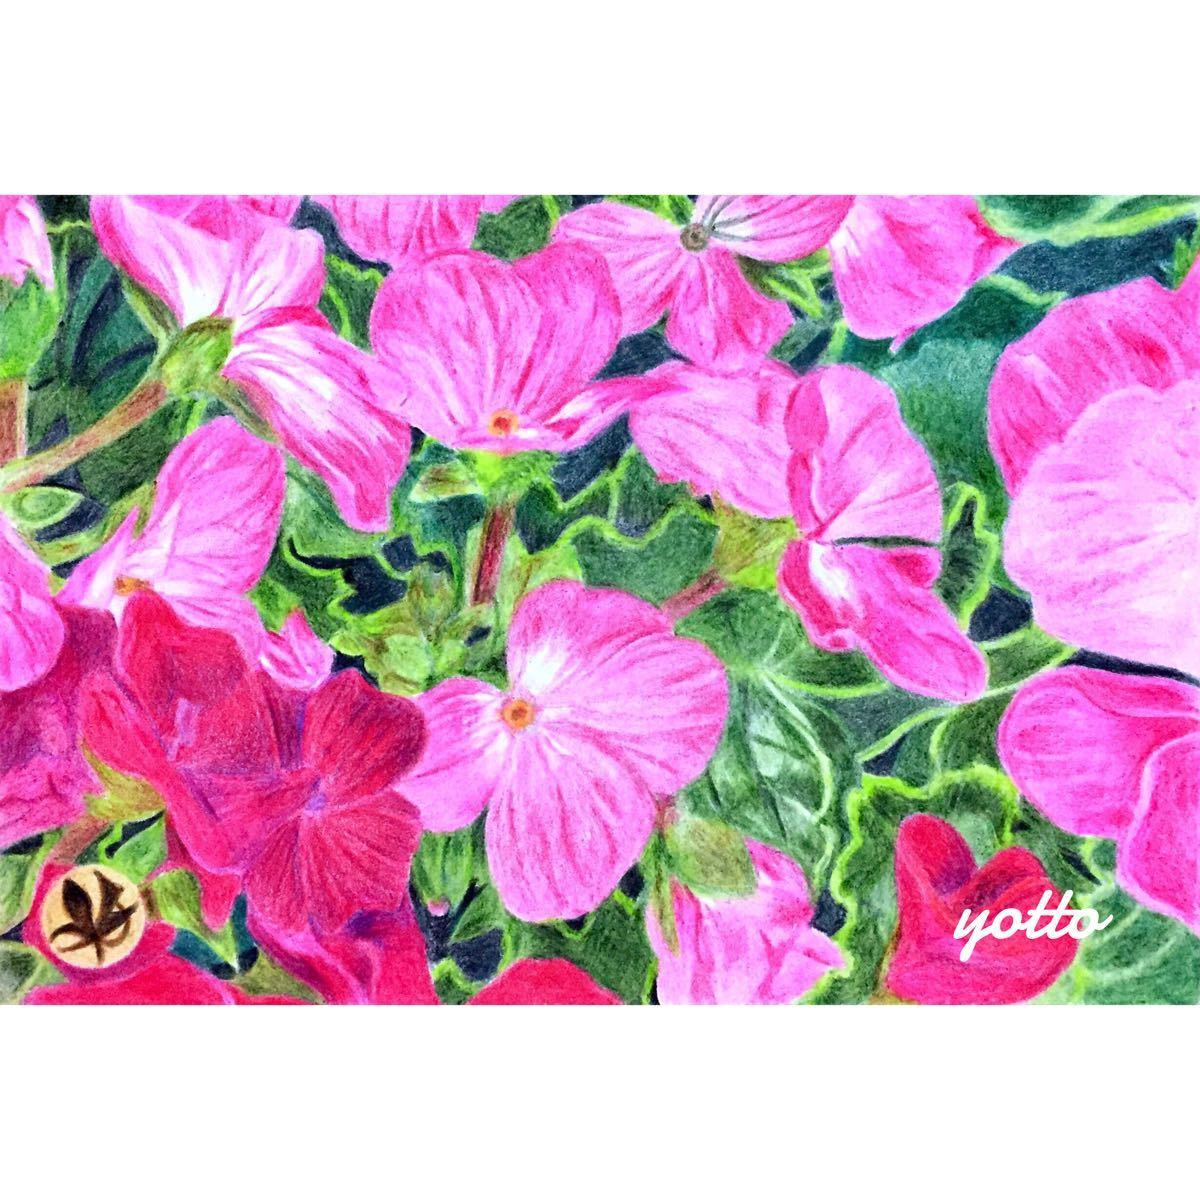 色鉛筆画「 彩《 2 》」ポストカードサイズ・額付き◇◆手描き◇原画◆花・風景画◆yotto_画像1